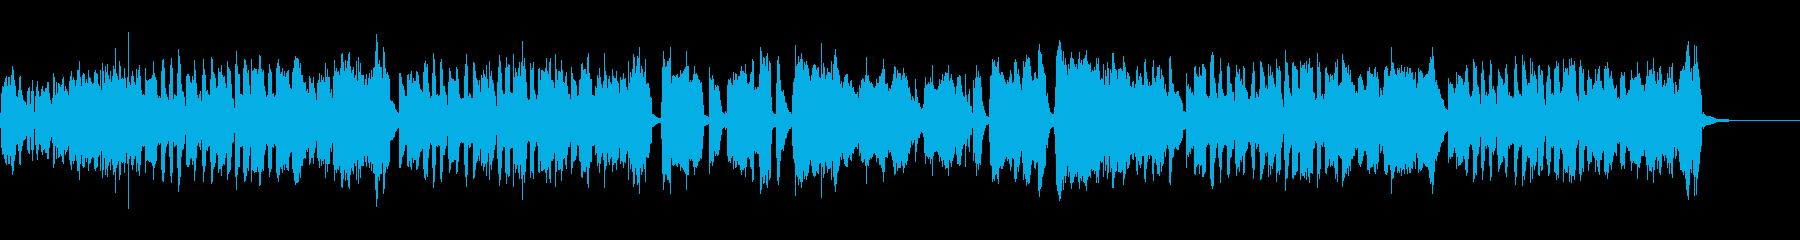 可愛らしいポップで軽快な教育番組BGMの再生済みの波形